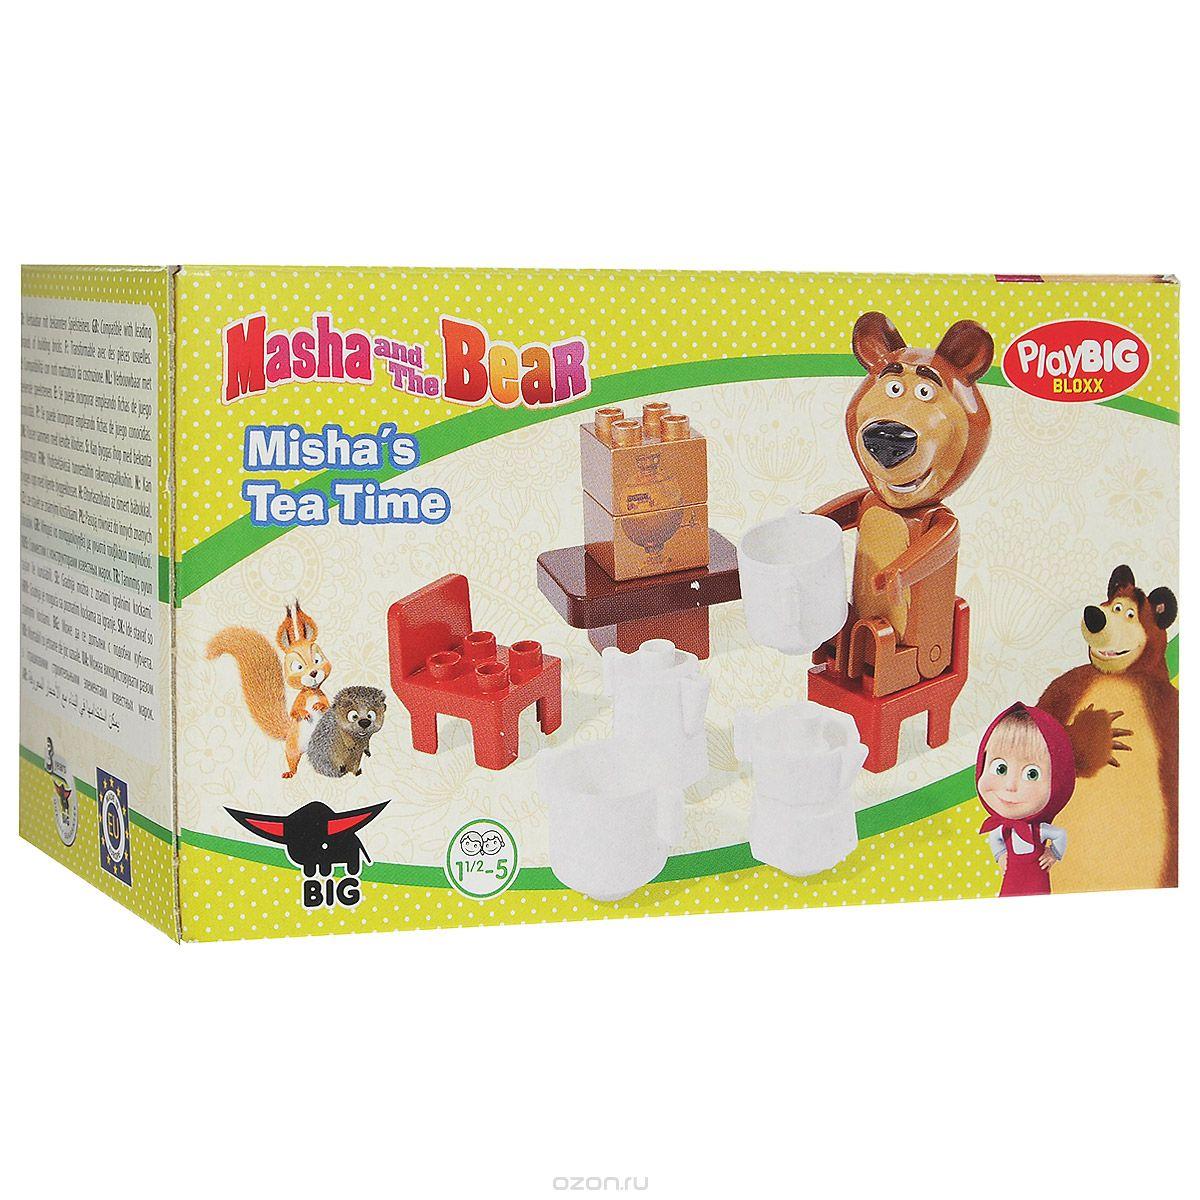 Конструктор Play Big Маша и Медведь. Мишка на кухне, 11 элементов800057090Современный конструктор Play Big Маша и Медведь. Мишка на кухне станет настоящим развлечением для ребенка, ведь он полностью выполнен по сюжету любимого детьми мультфильма. Все элементы изготовлены из безопасного материала. С помощью 11 элементов конструктора ребенок сможет собрать кухню со столовыми приборами и мебелью. В комплекте уже есть фигурка Мишки, так что у малыша появится больше возможностей для того, чтобы придумывать увлекательные сюжетно-ролевые игры. Во время сборки деталей ребенок развивает моторику рук, тактильное восприятие, терпеливость и усидчивость. Порадуйте своего непоседу таким великолепным подарком.